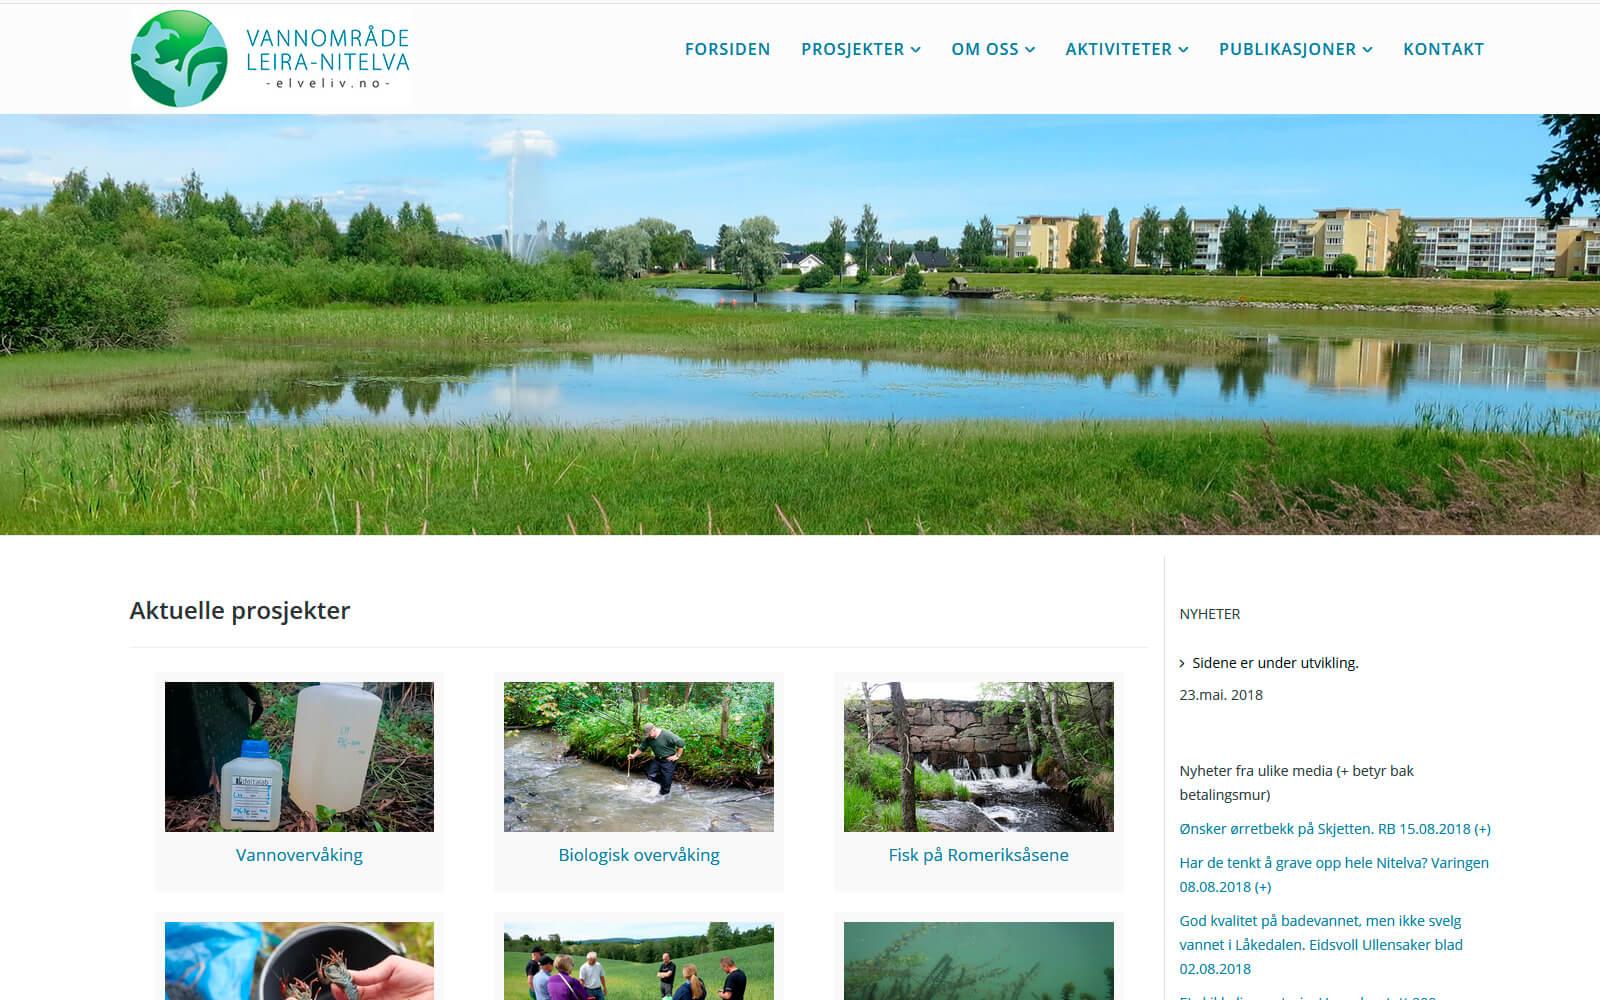 Skedsmo Kommune - Vannområde Leira-Nitelva